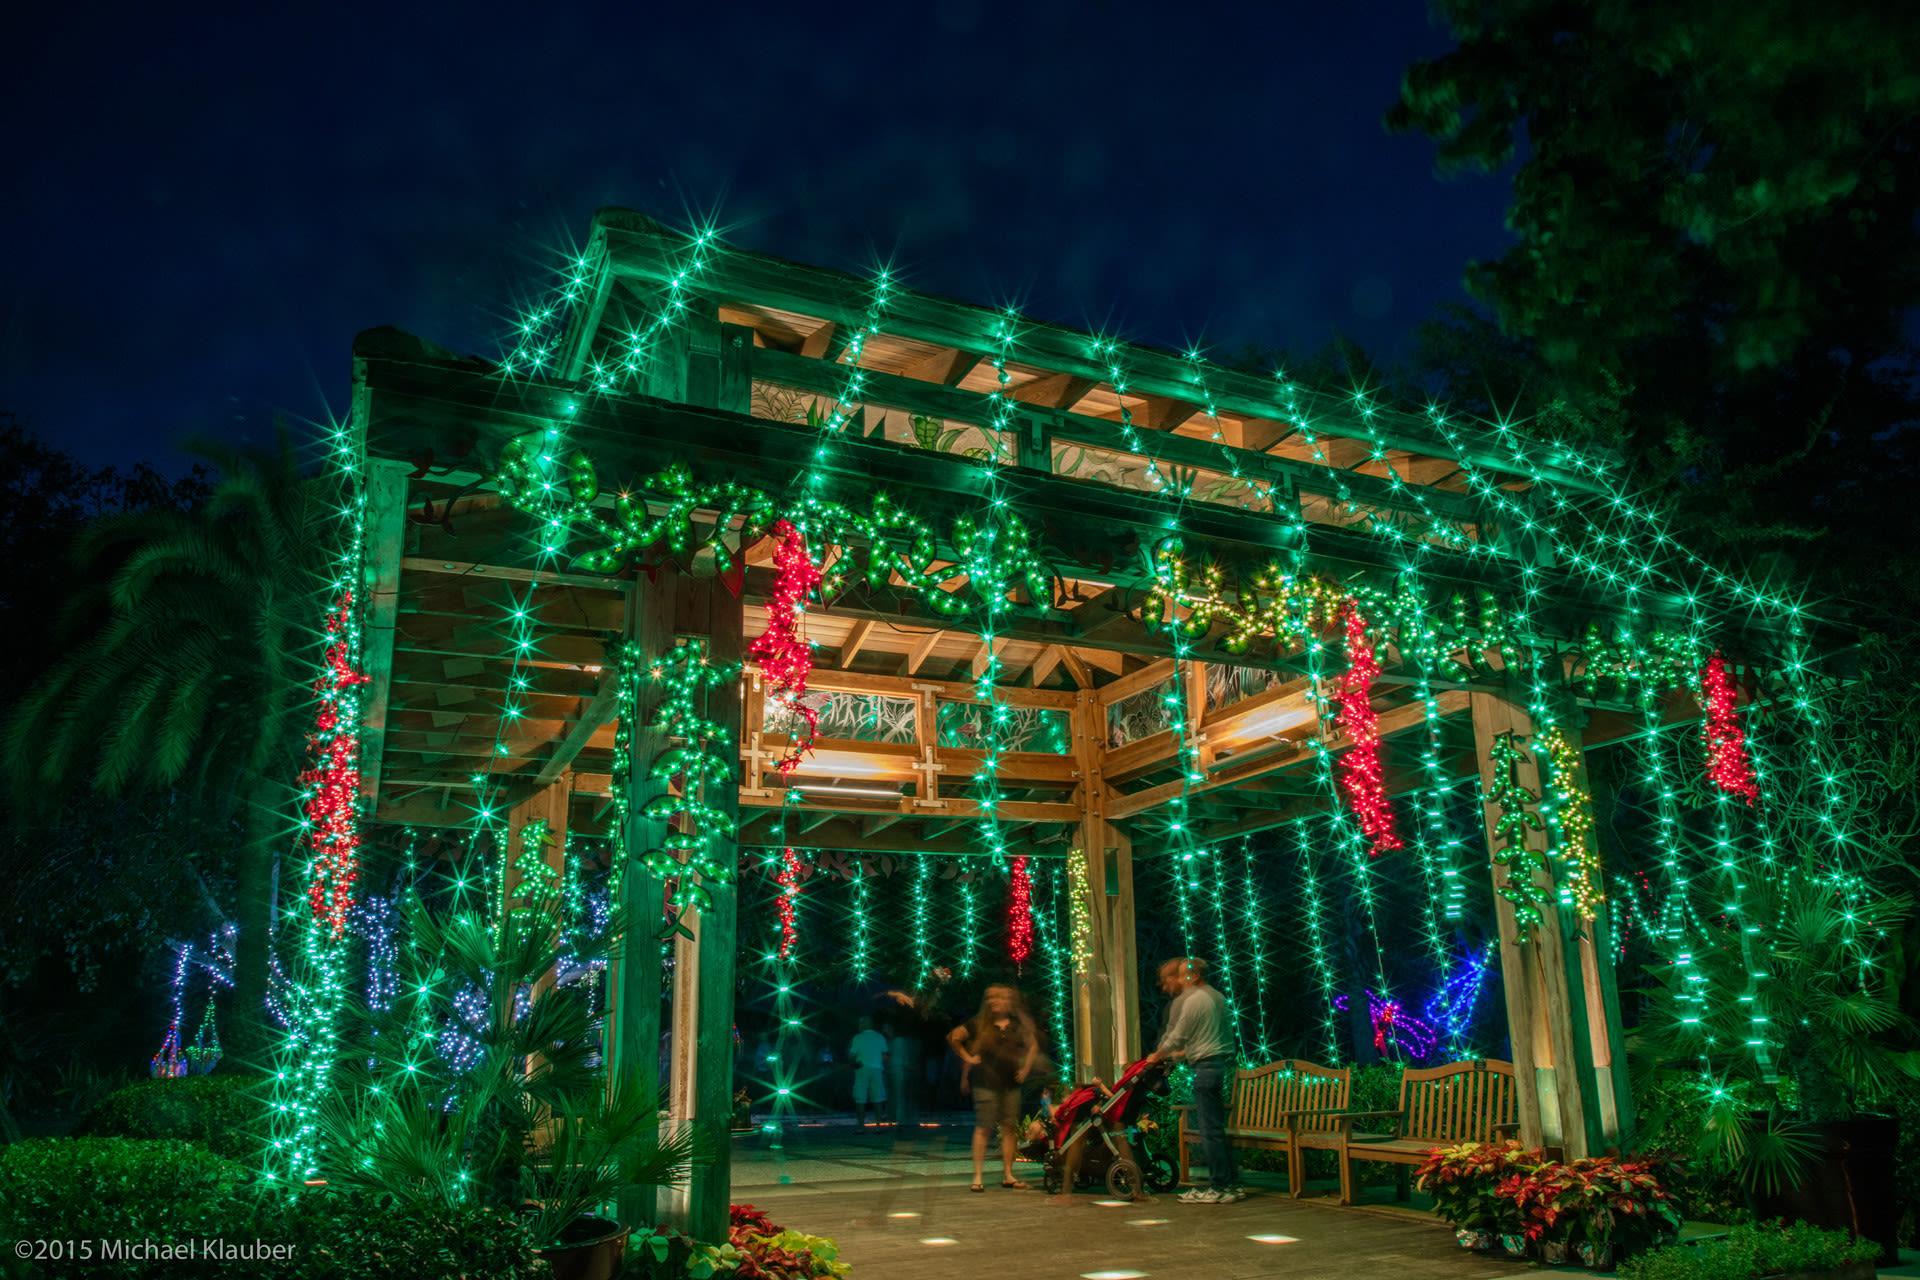 Selby gardens lights in bloom qymlfg